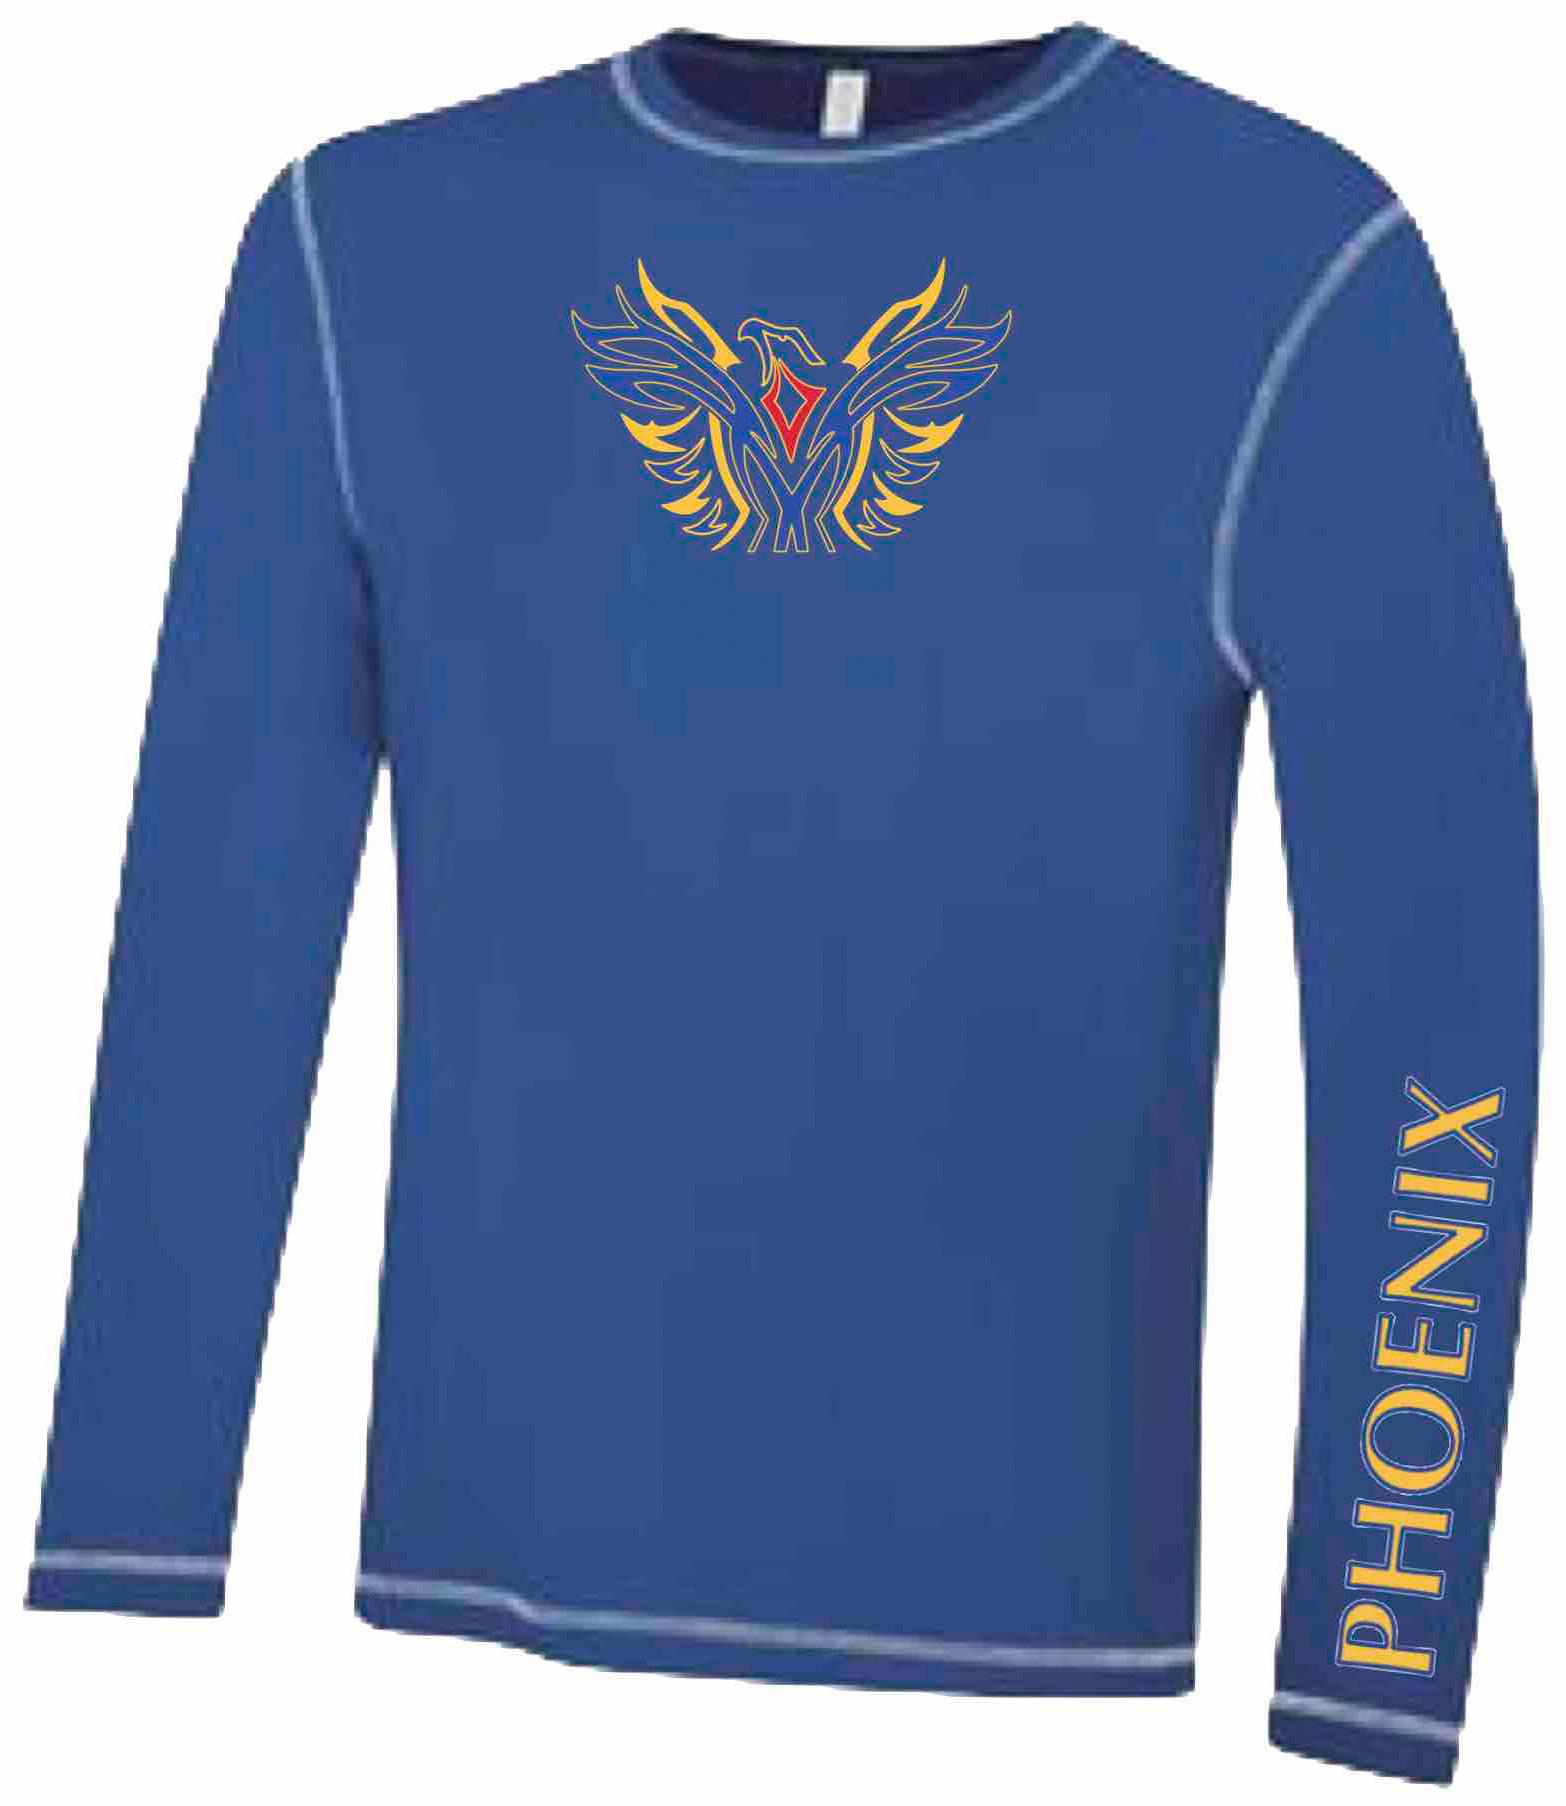 BLUE - Ultra Soft Long Sleeve Technical Shirt